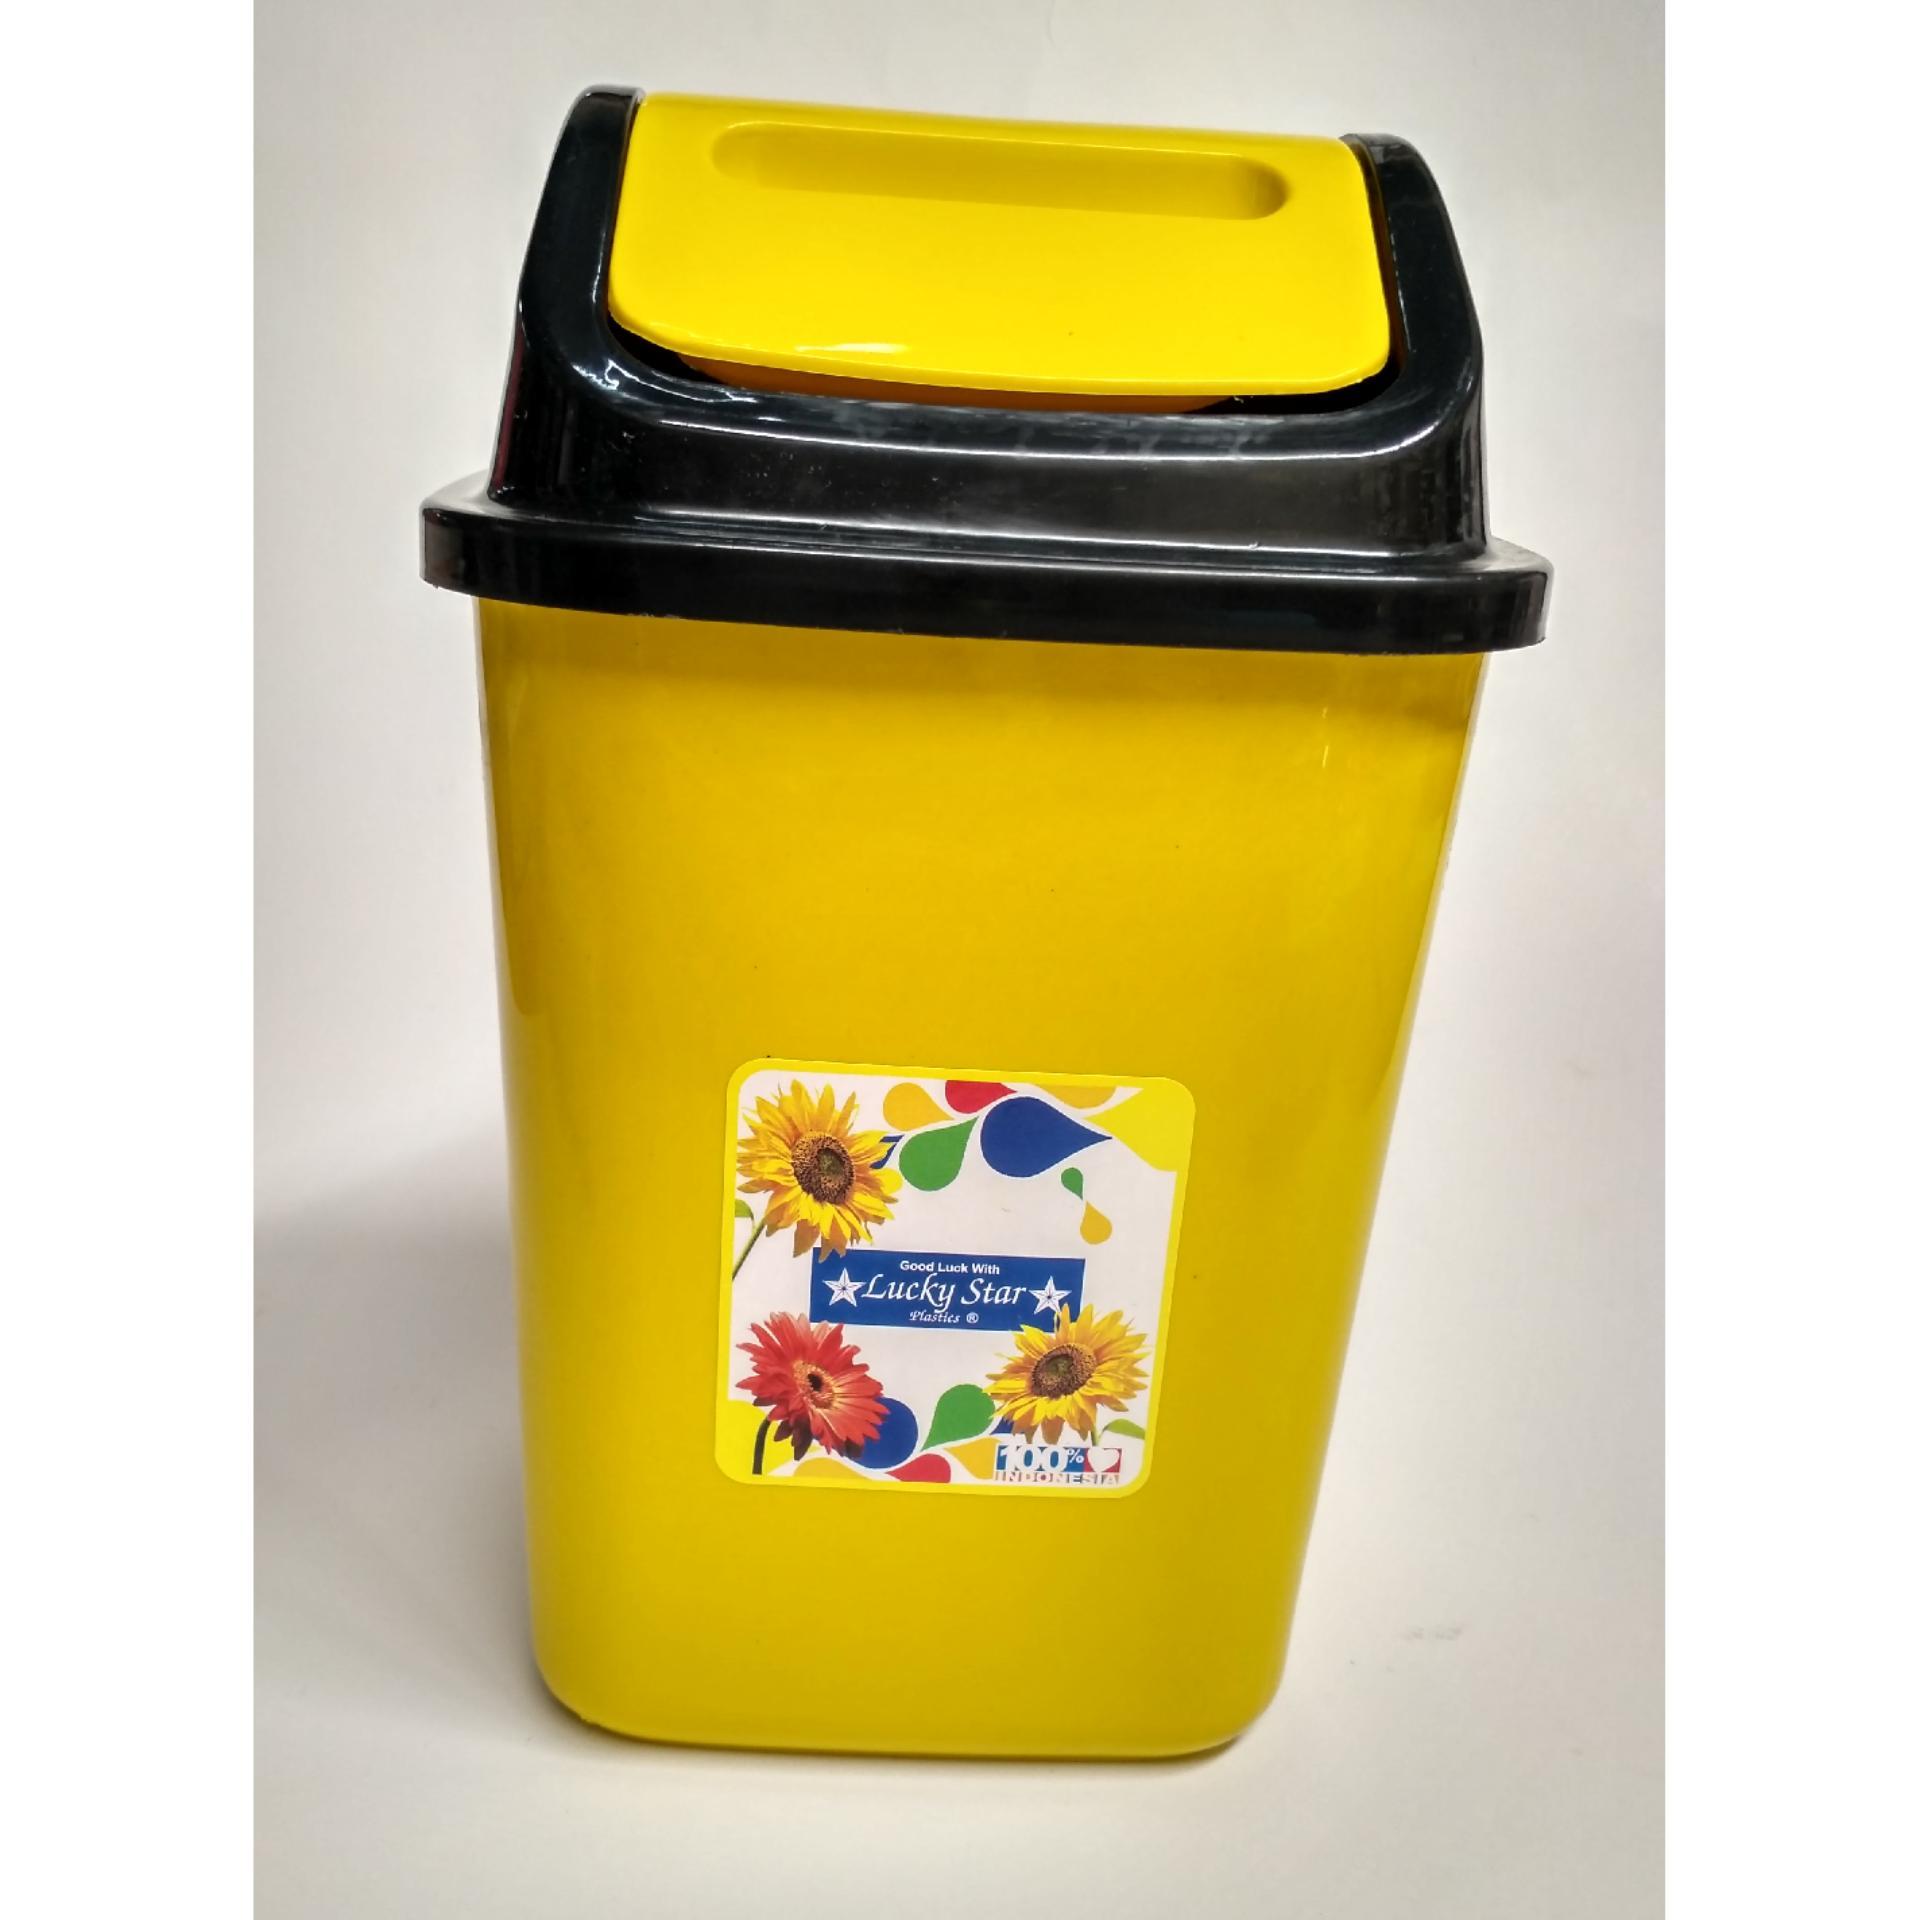 Dos Keranjang Sampah / Tempat Sampah Warna Dengan Tutup 5 Liter By Dos.